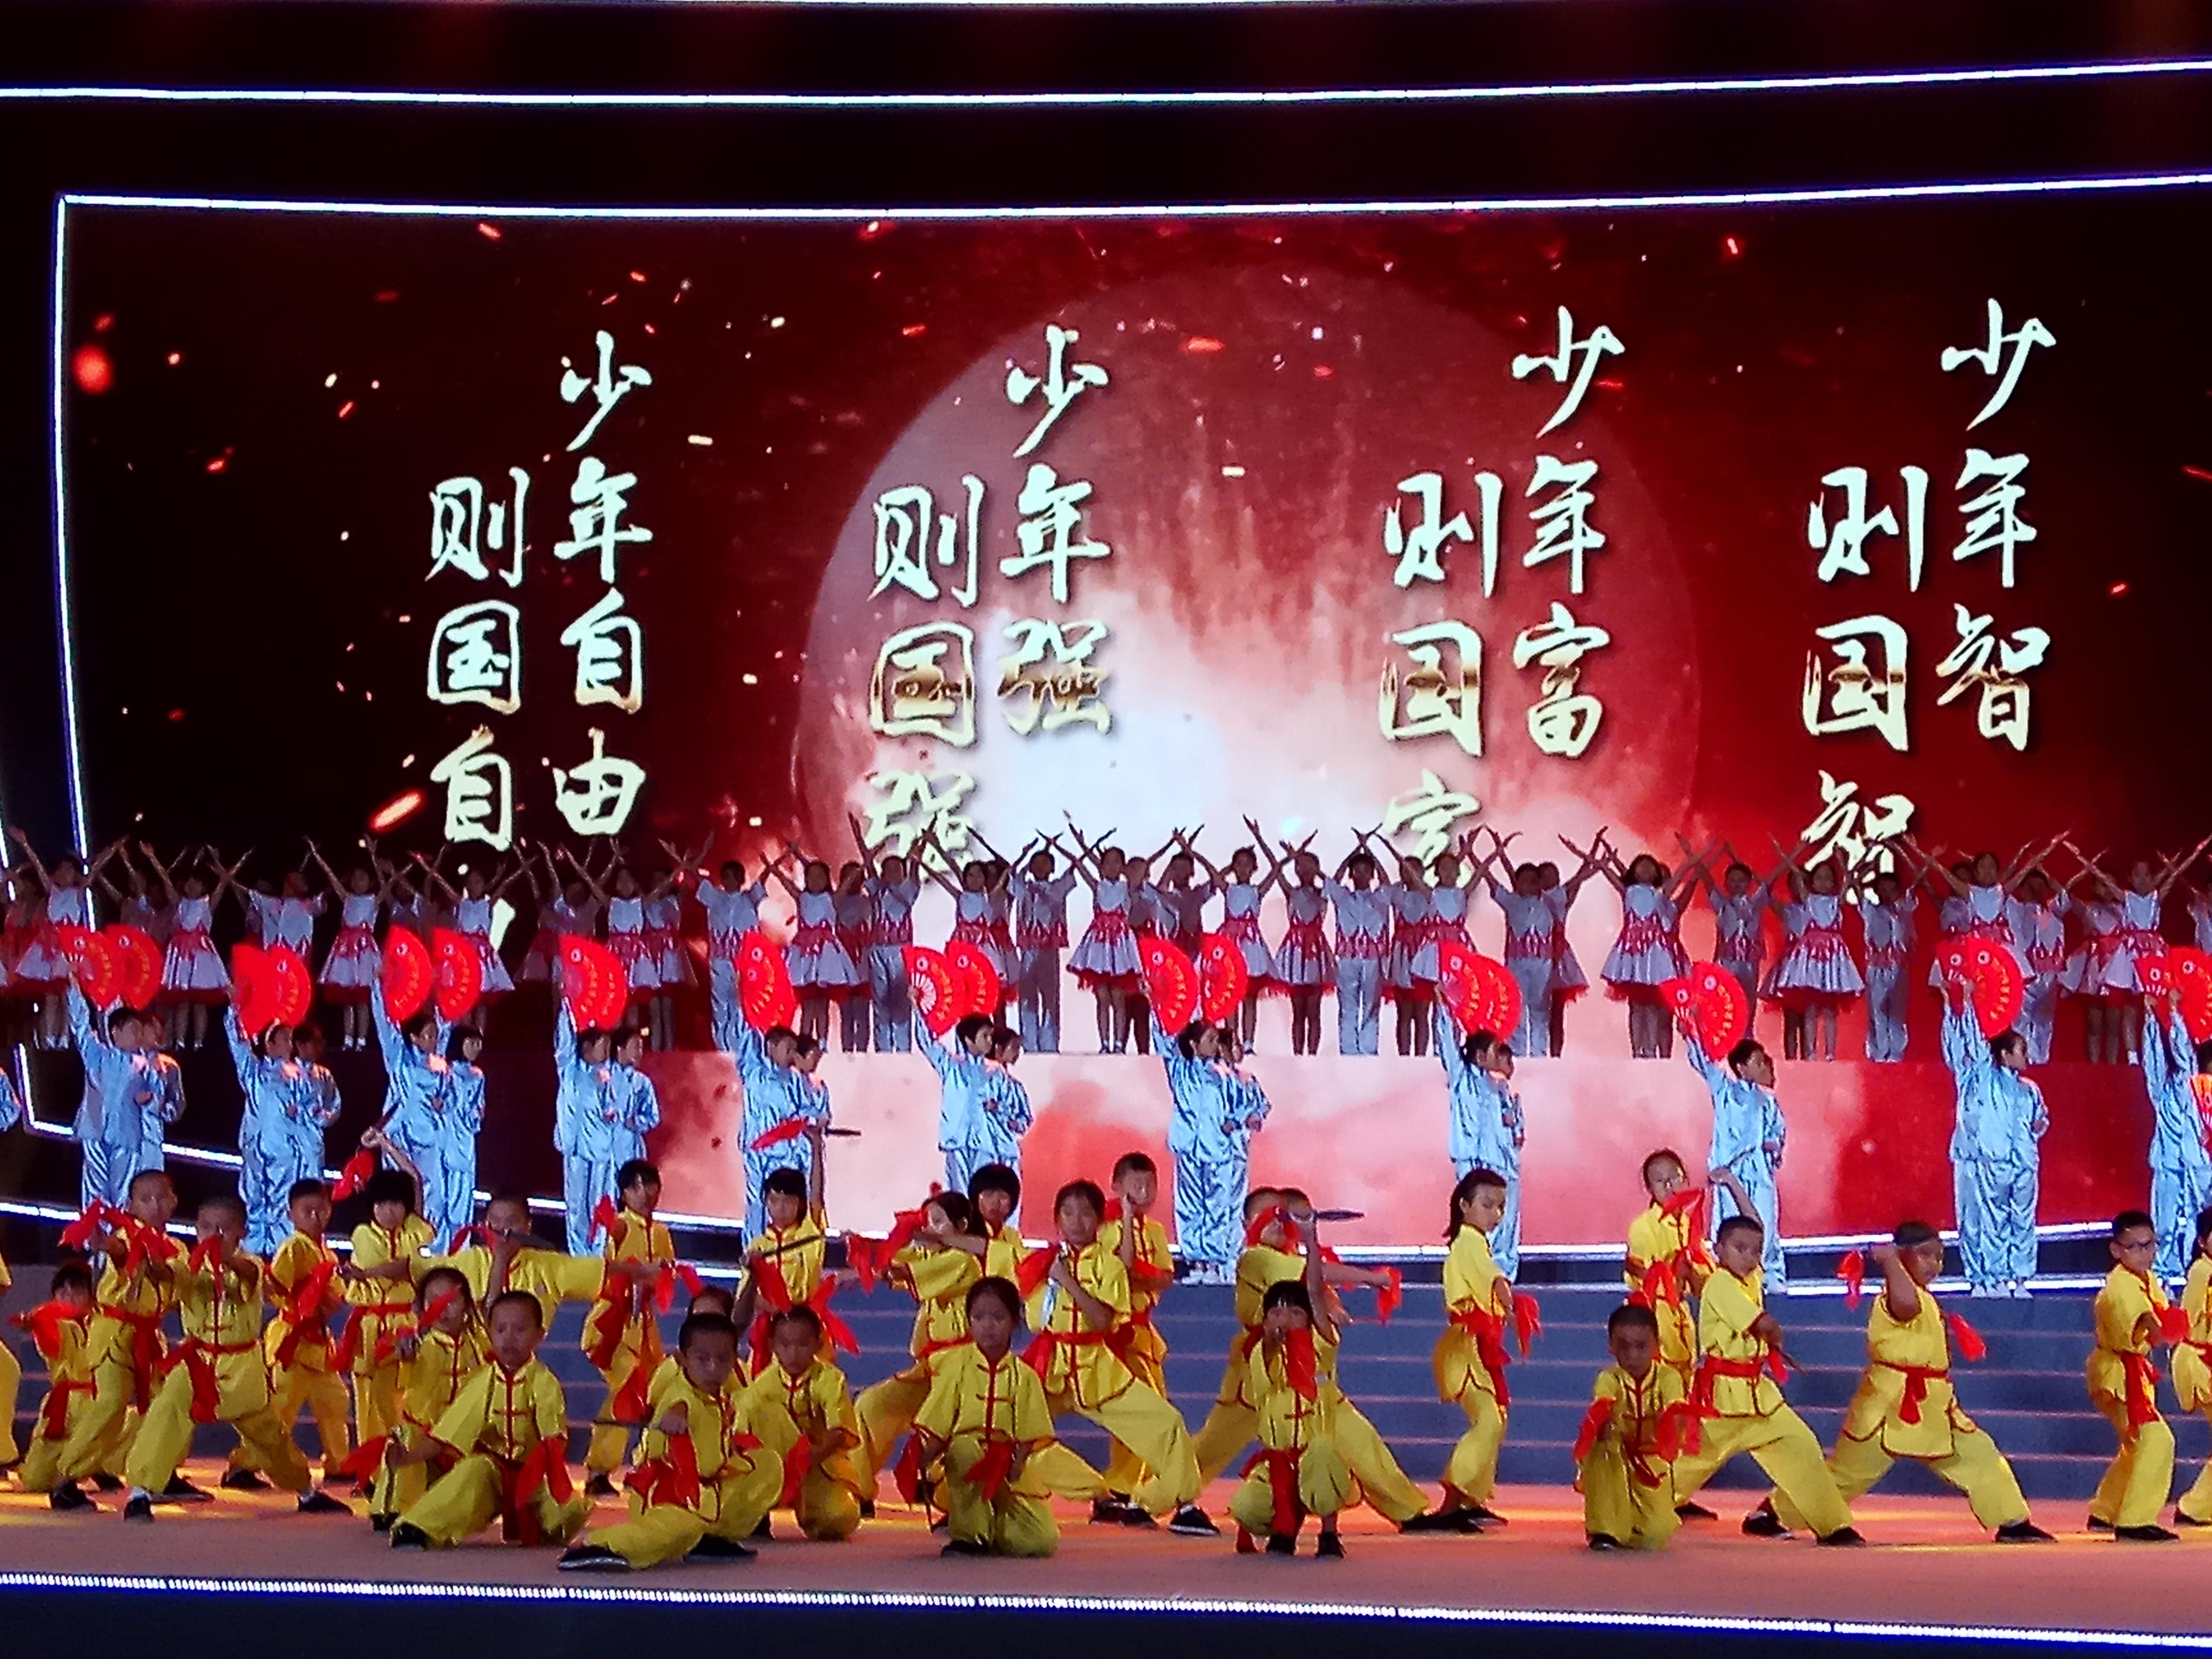 華僑華人文化交流合作暨粵港澳青年文化創意發展大會明天開幕 開幕式今天進行帶妝彩排